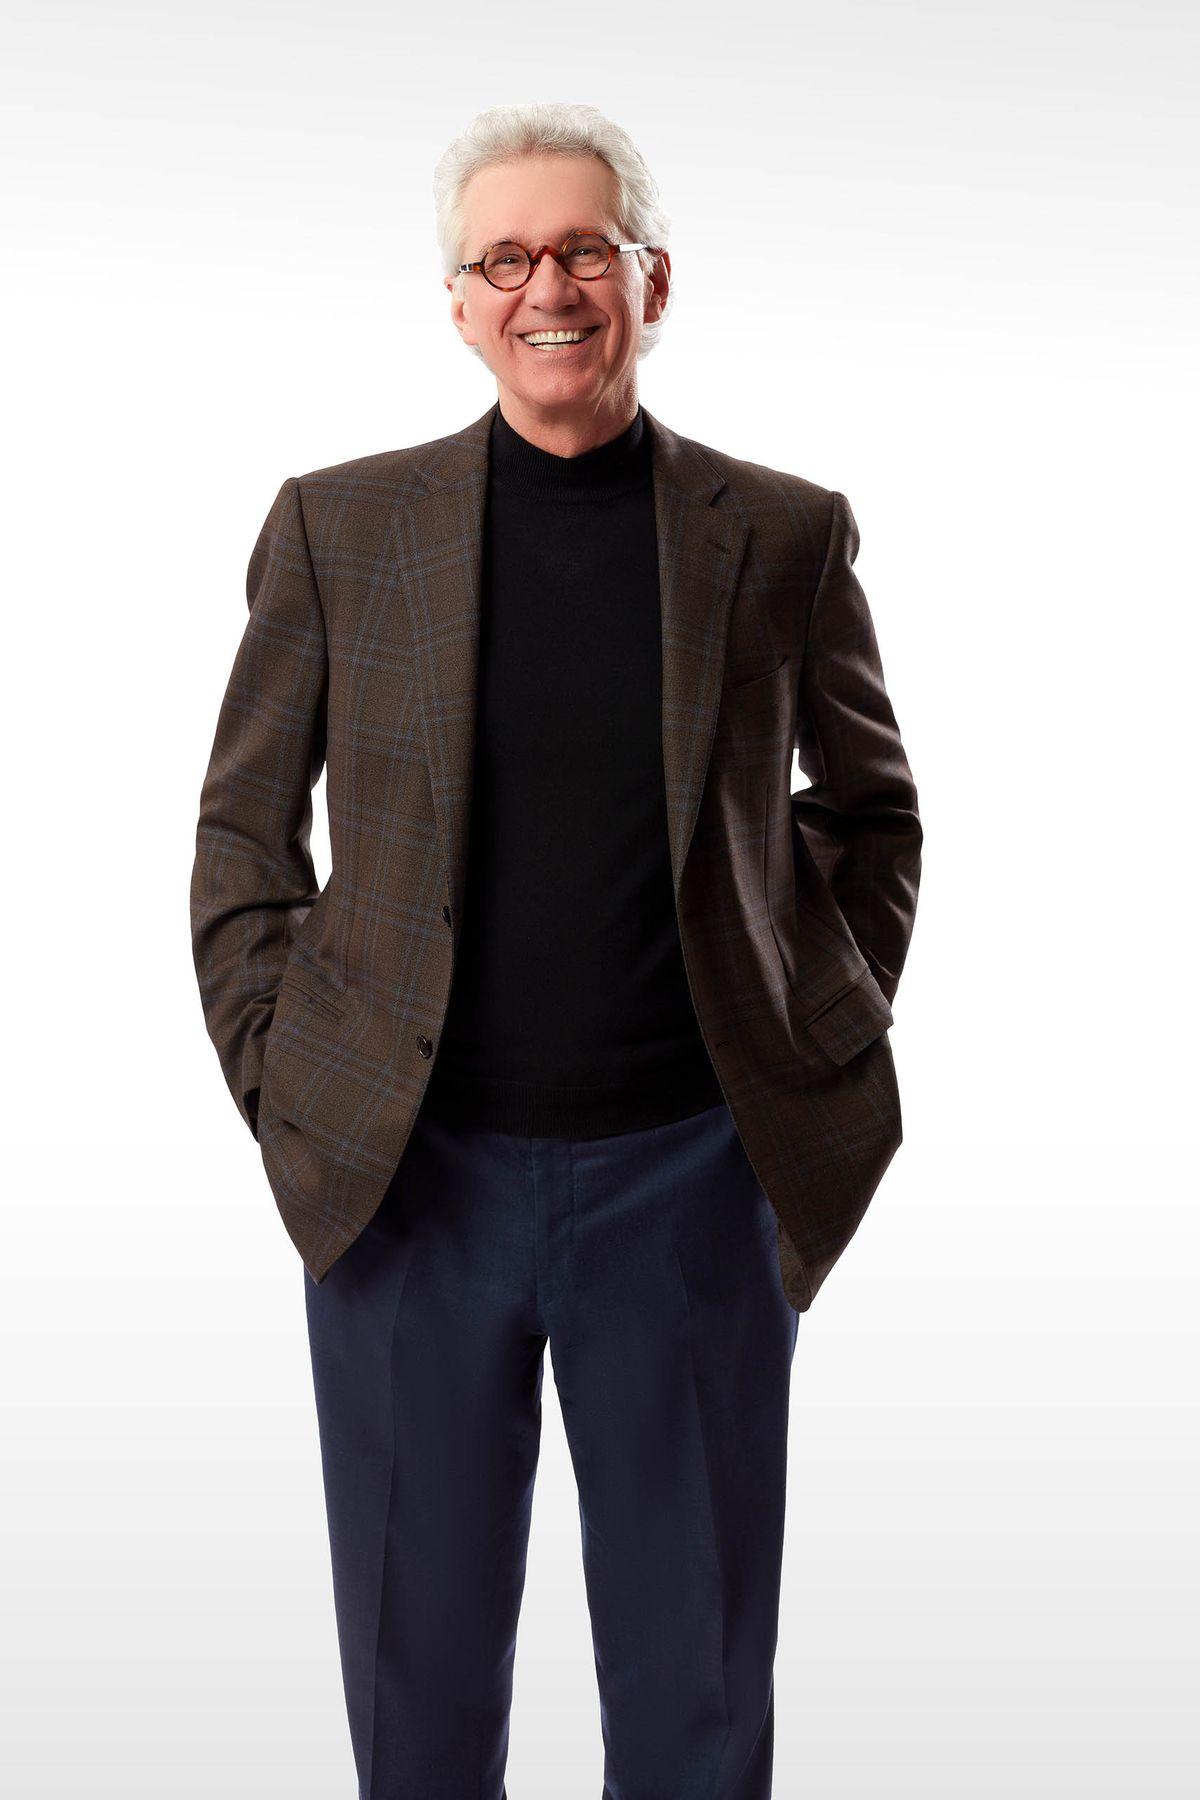 AMA Portrait of Dan Nagel